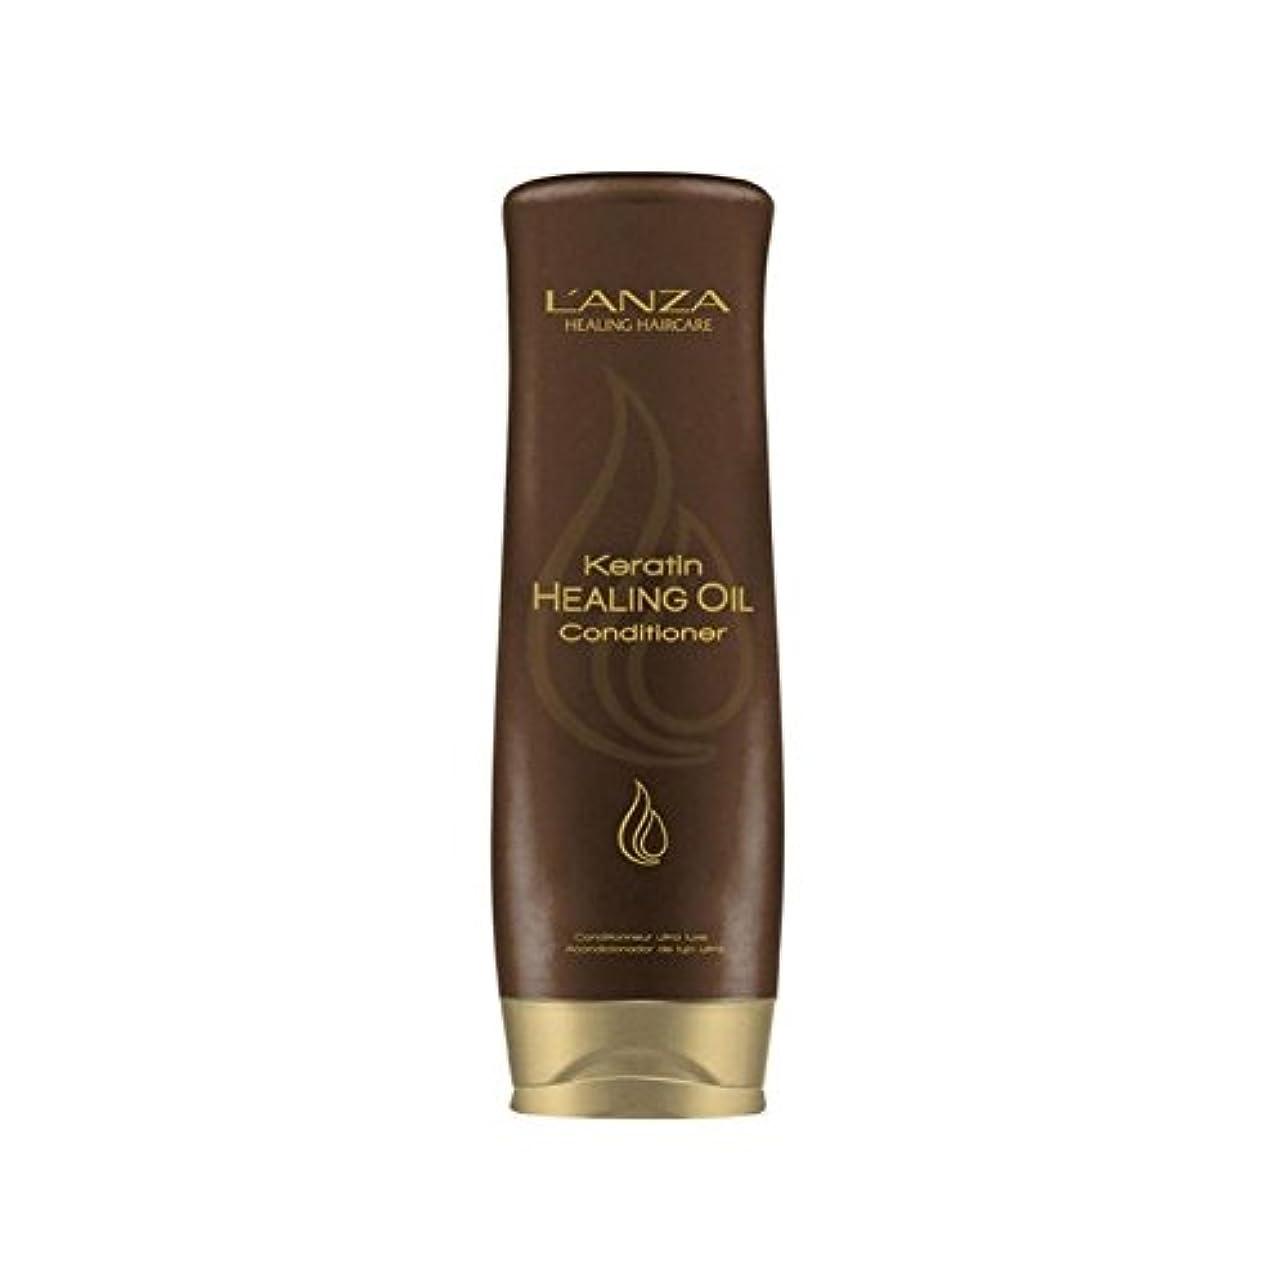 性差別ほのか傾くアンザケラチンオイルコンディショナー(250ミリリットル)を癒し x2 - L'Anza Keratin Healing Oil Conditioner (250ml) (Pack of 2) [並行輸入品]